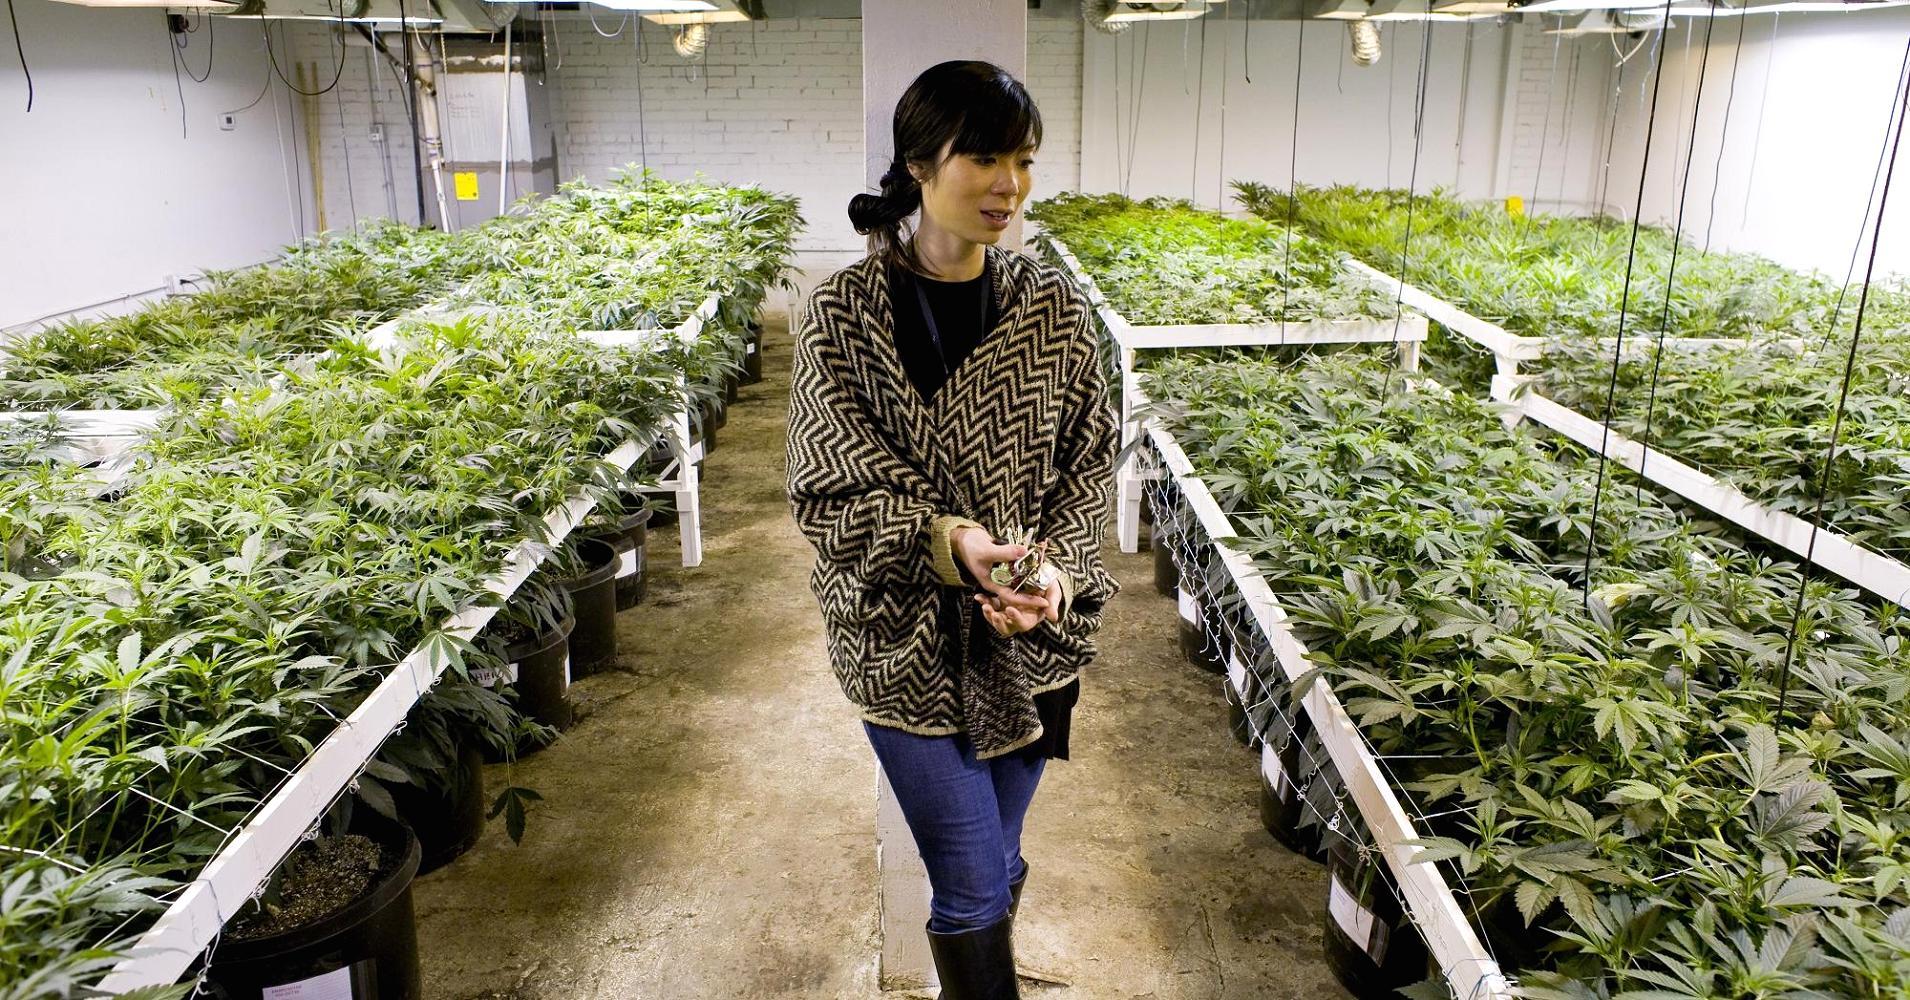 La industria del cannabis crea más de 150.000 empleos en Canadá